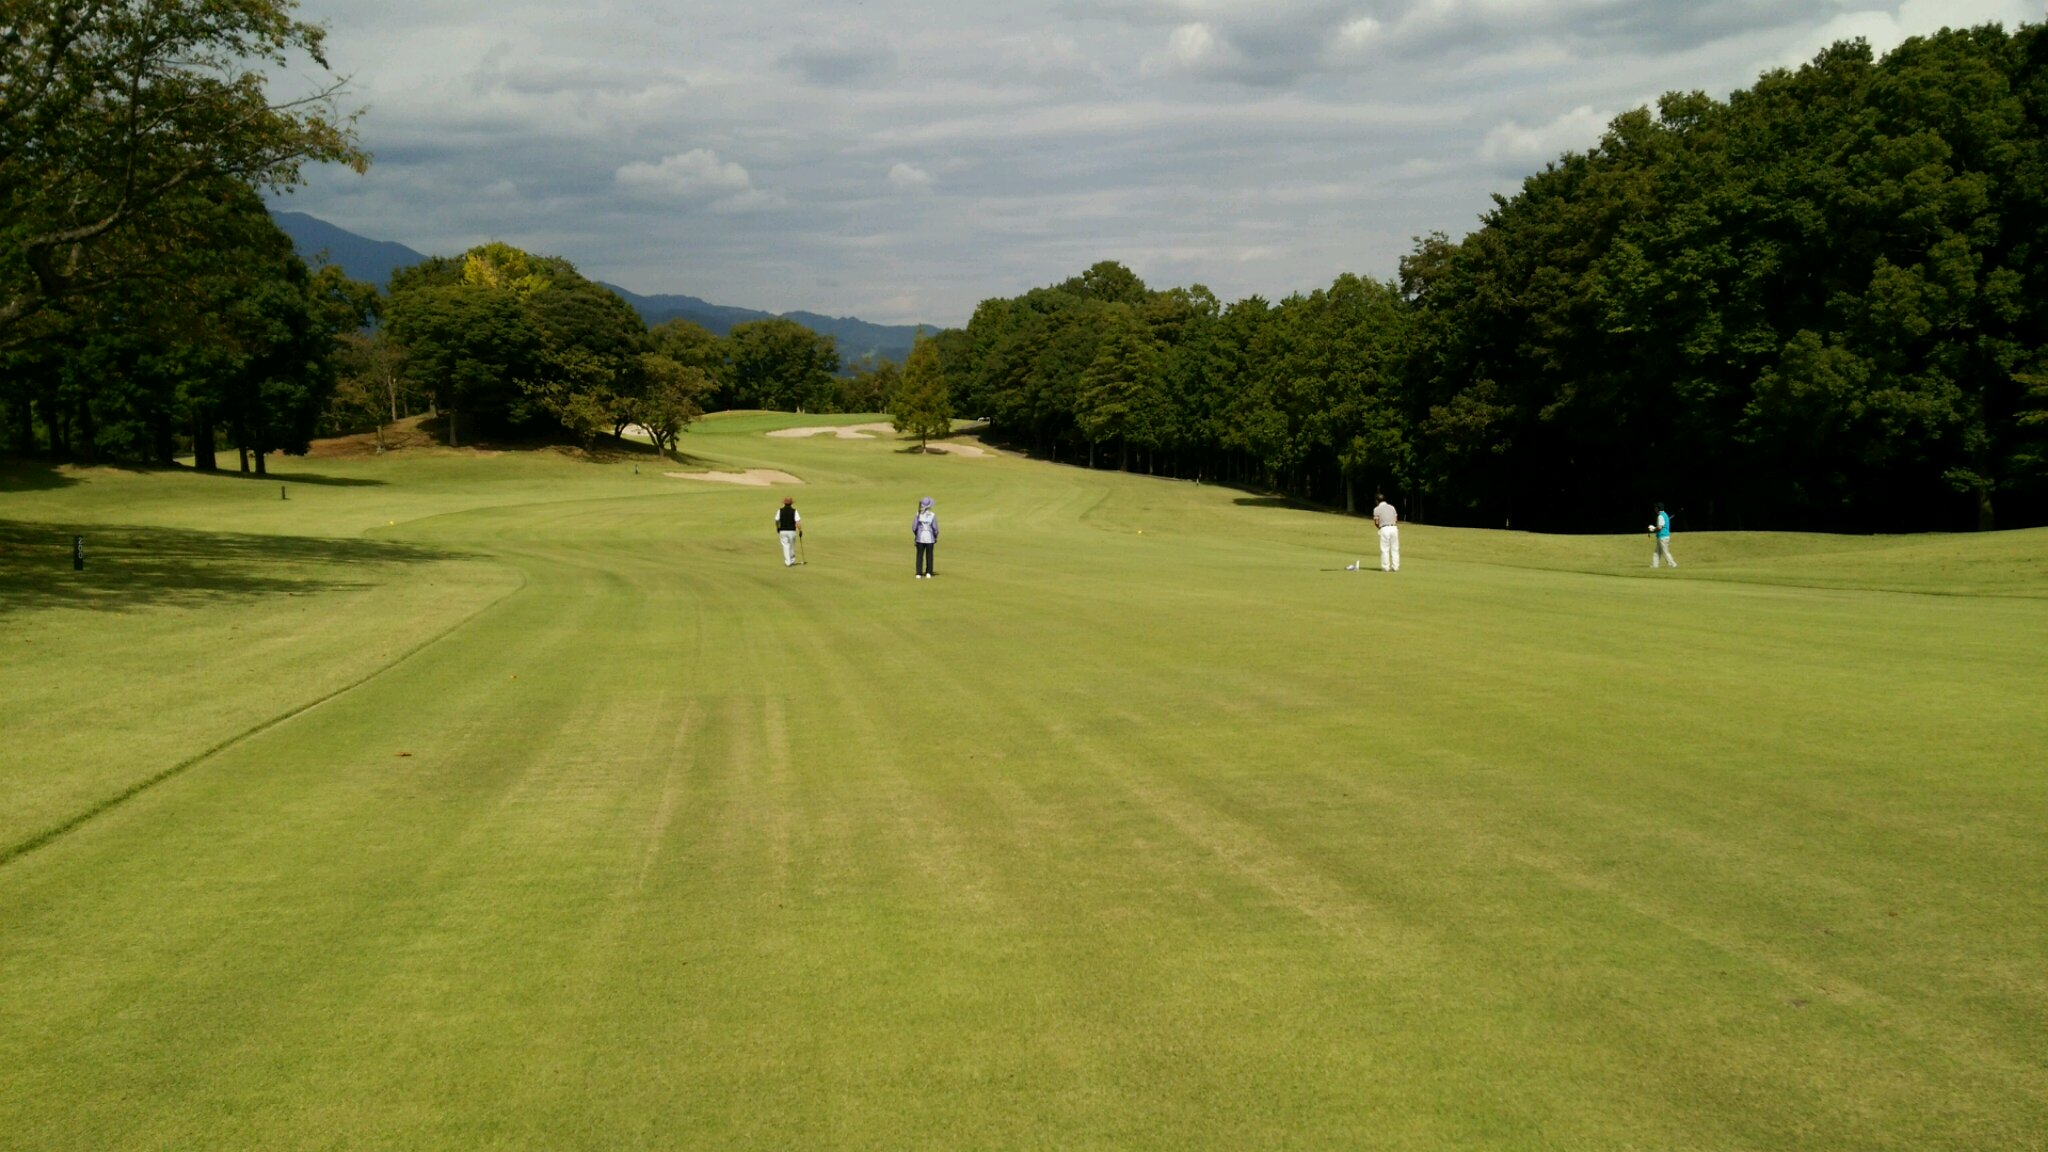 今日はゴルフでリラックス。_e0119092_17425616.jpg